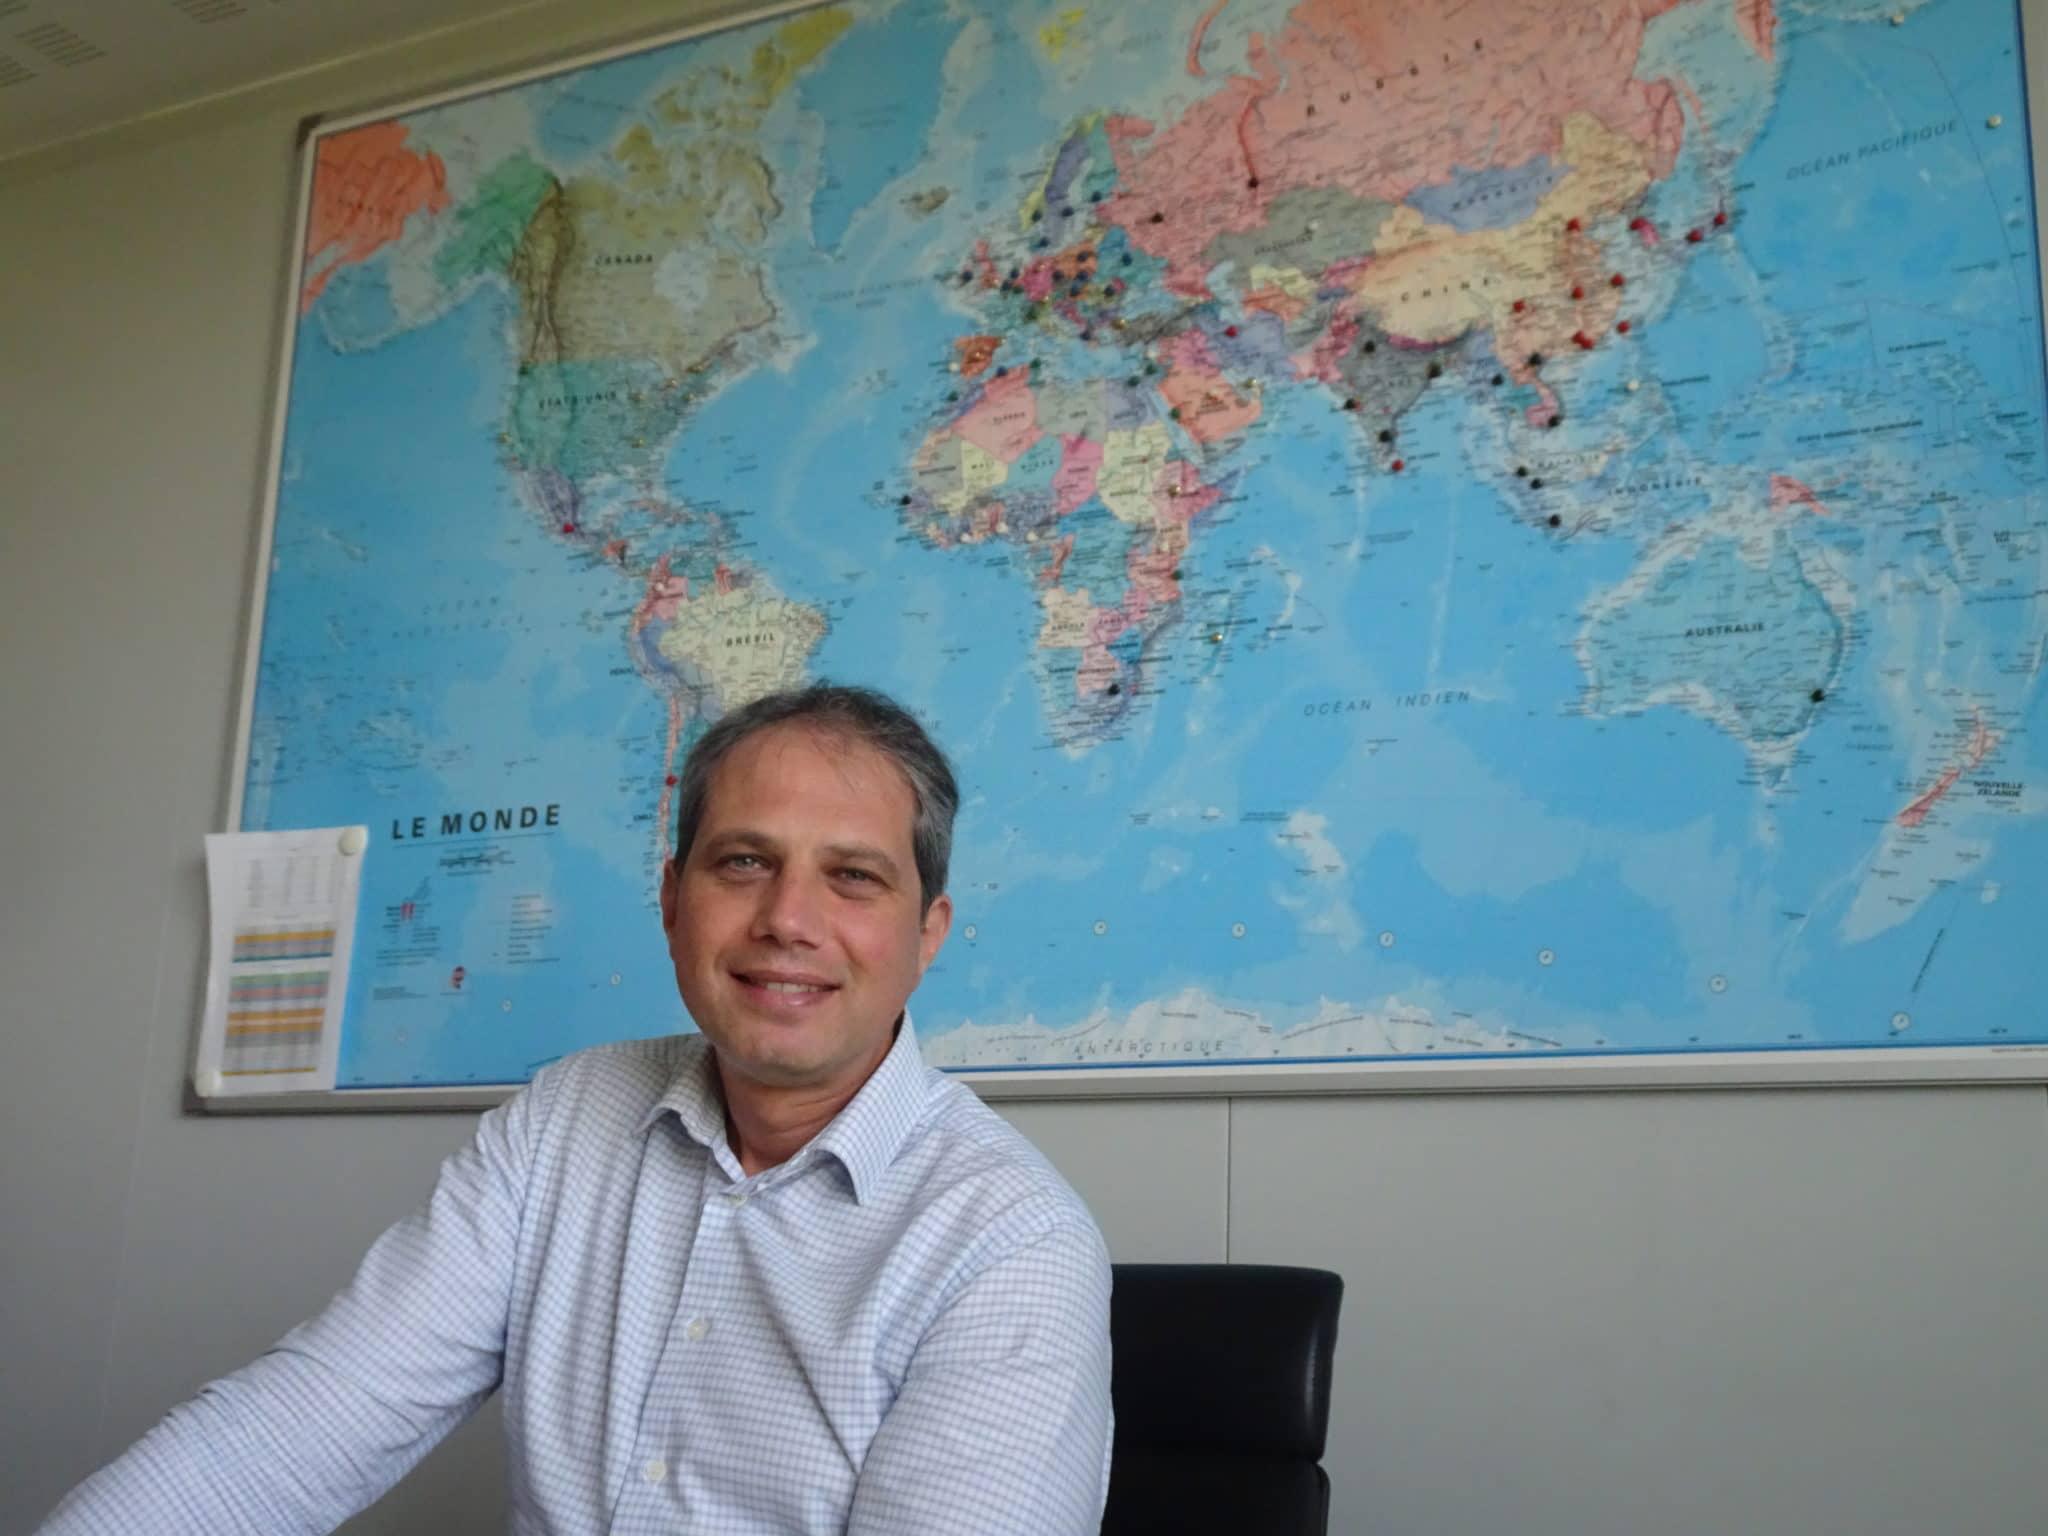 Plan de soutien à l'export : Business France en ordre de bataille, selon Frédéric Rossi